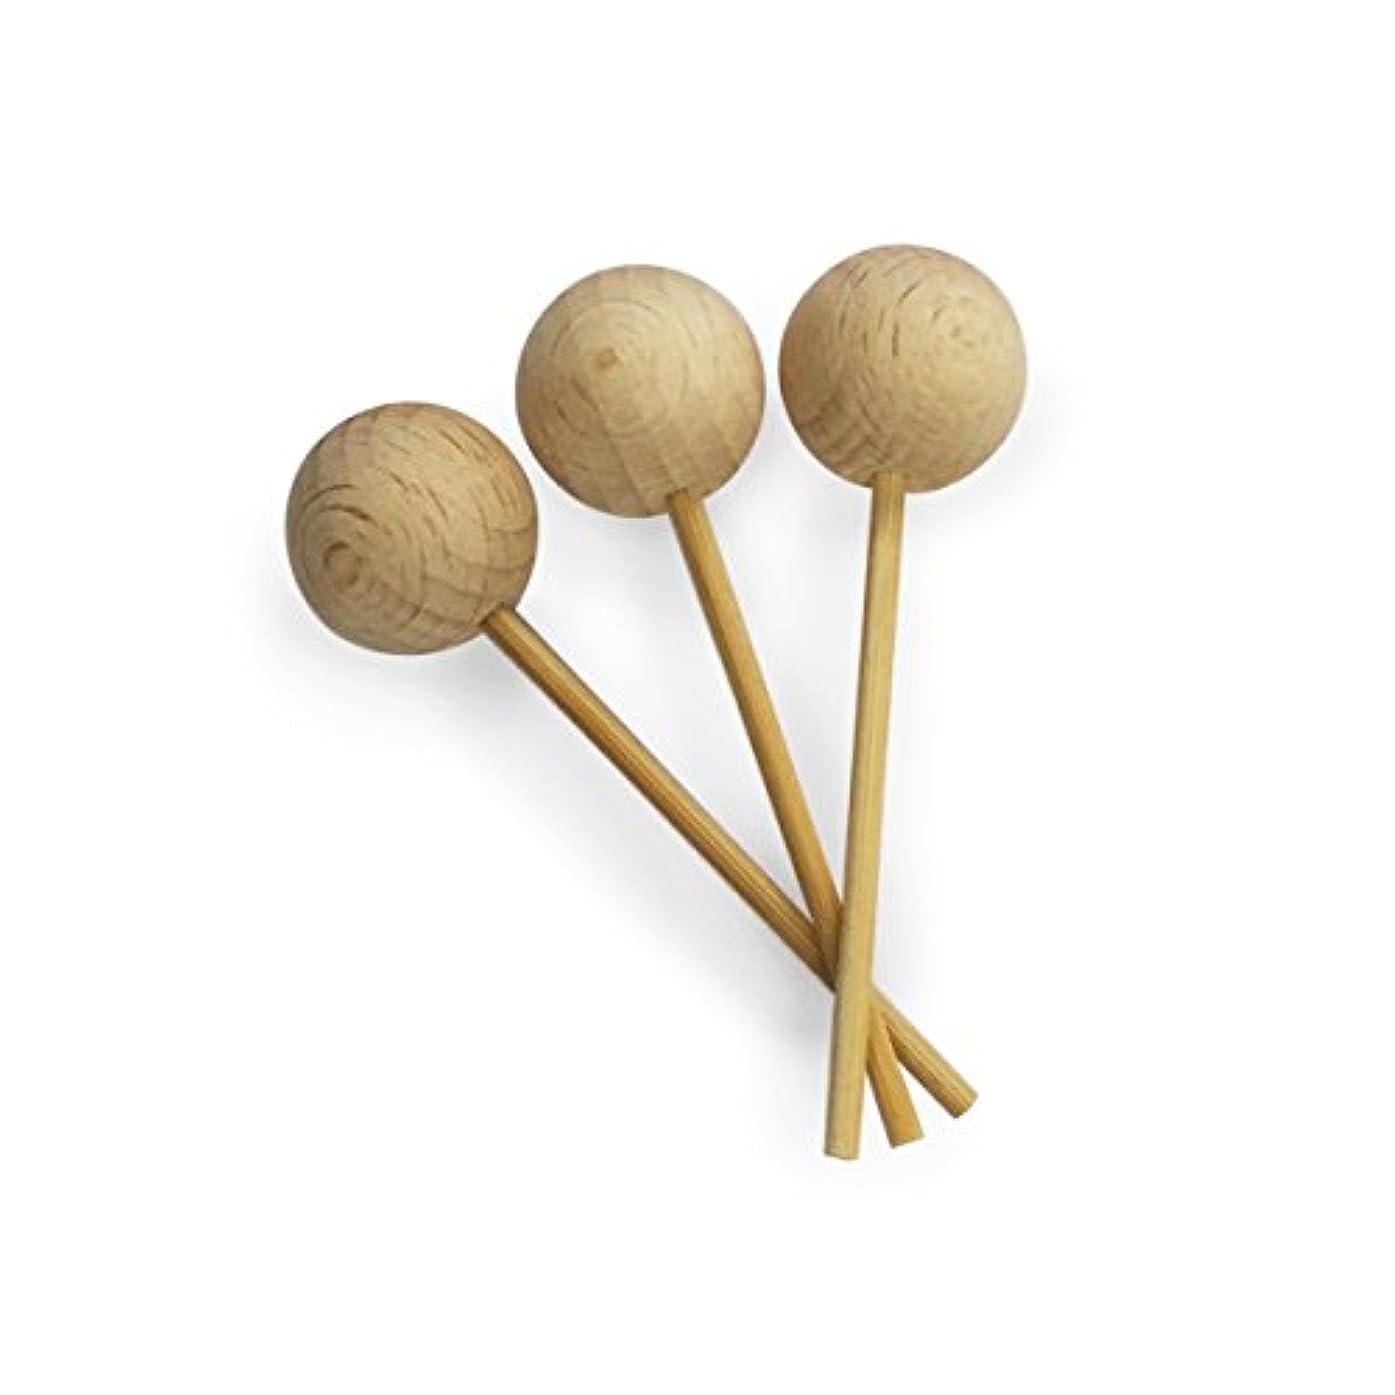 革命的かもしれない脅かすカリス成城 アロマ芳香器 木のお家 交換用木製スティック3本入